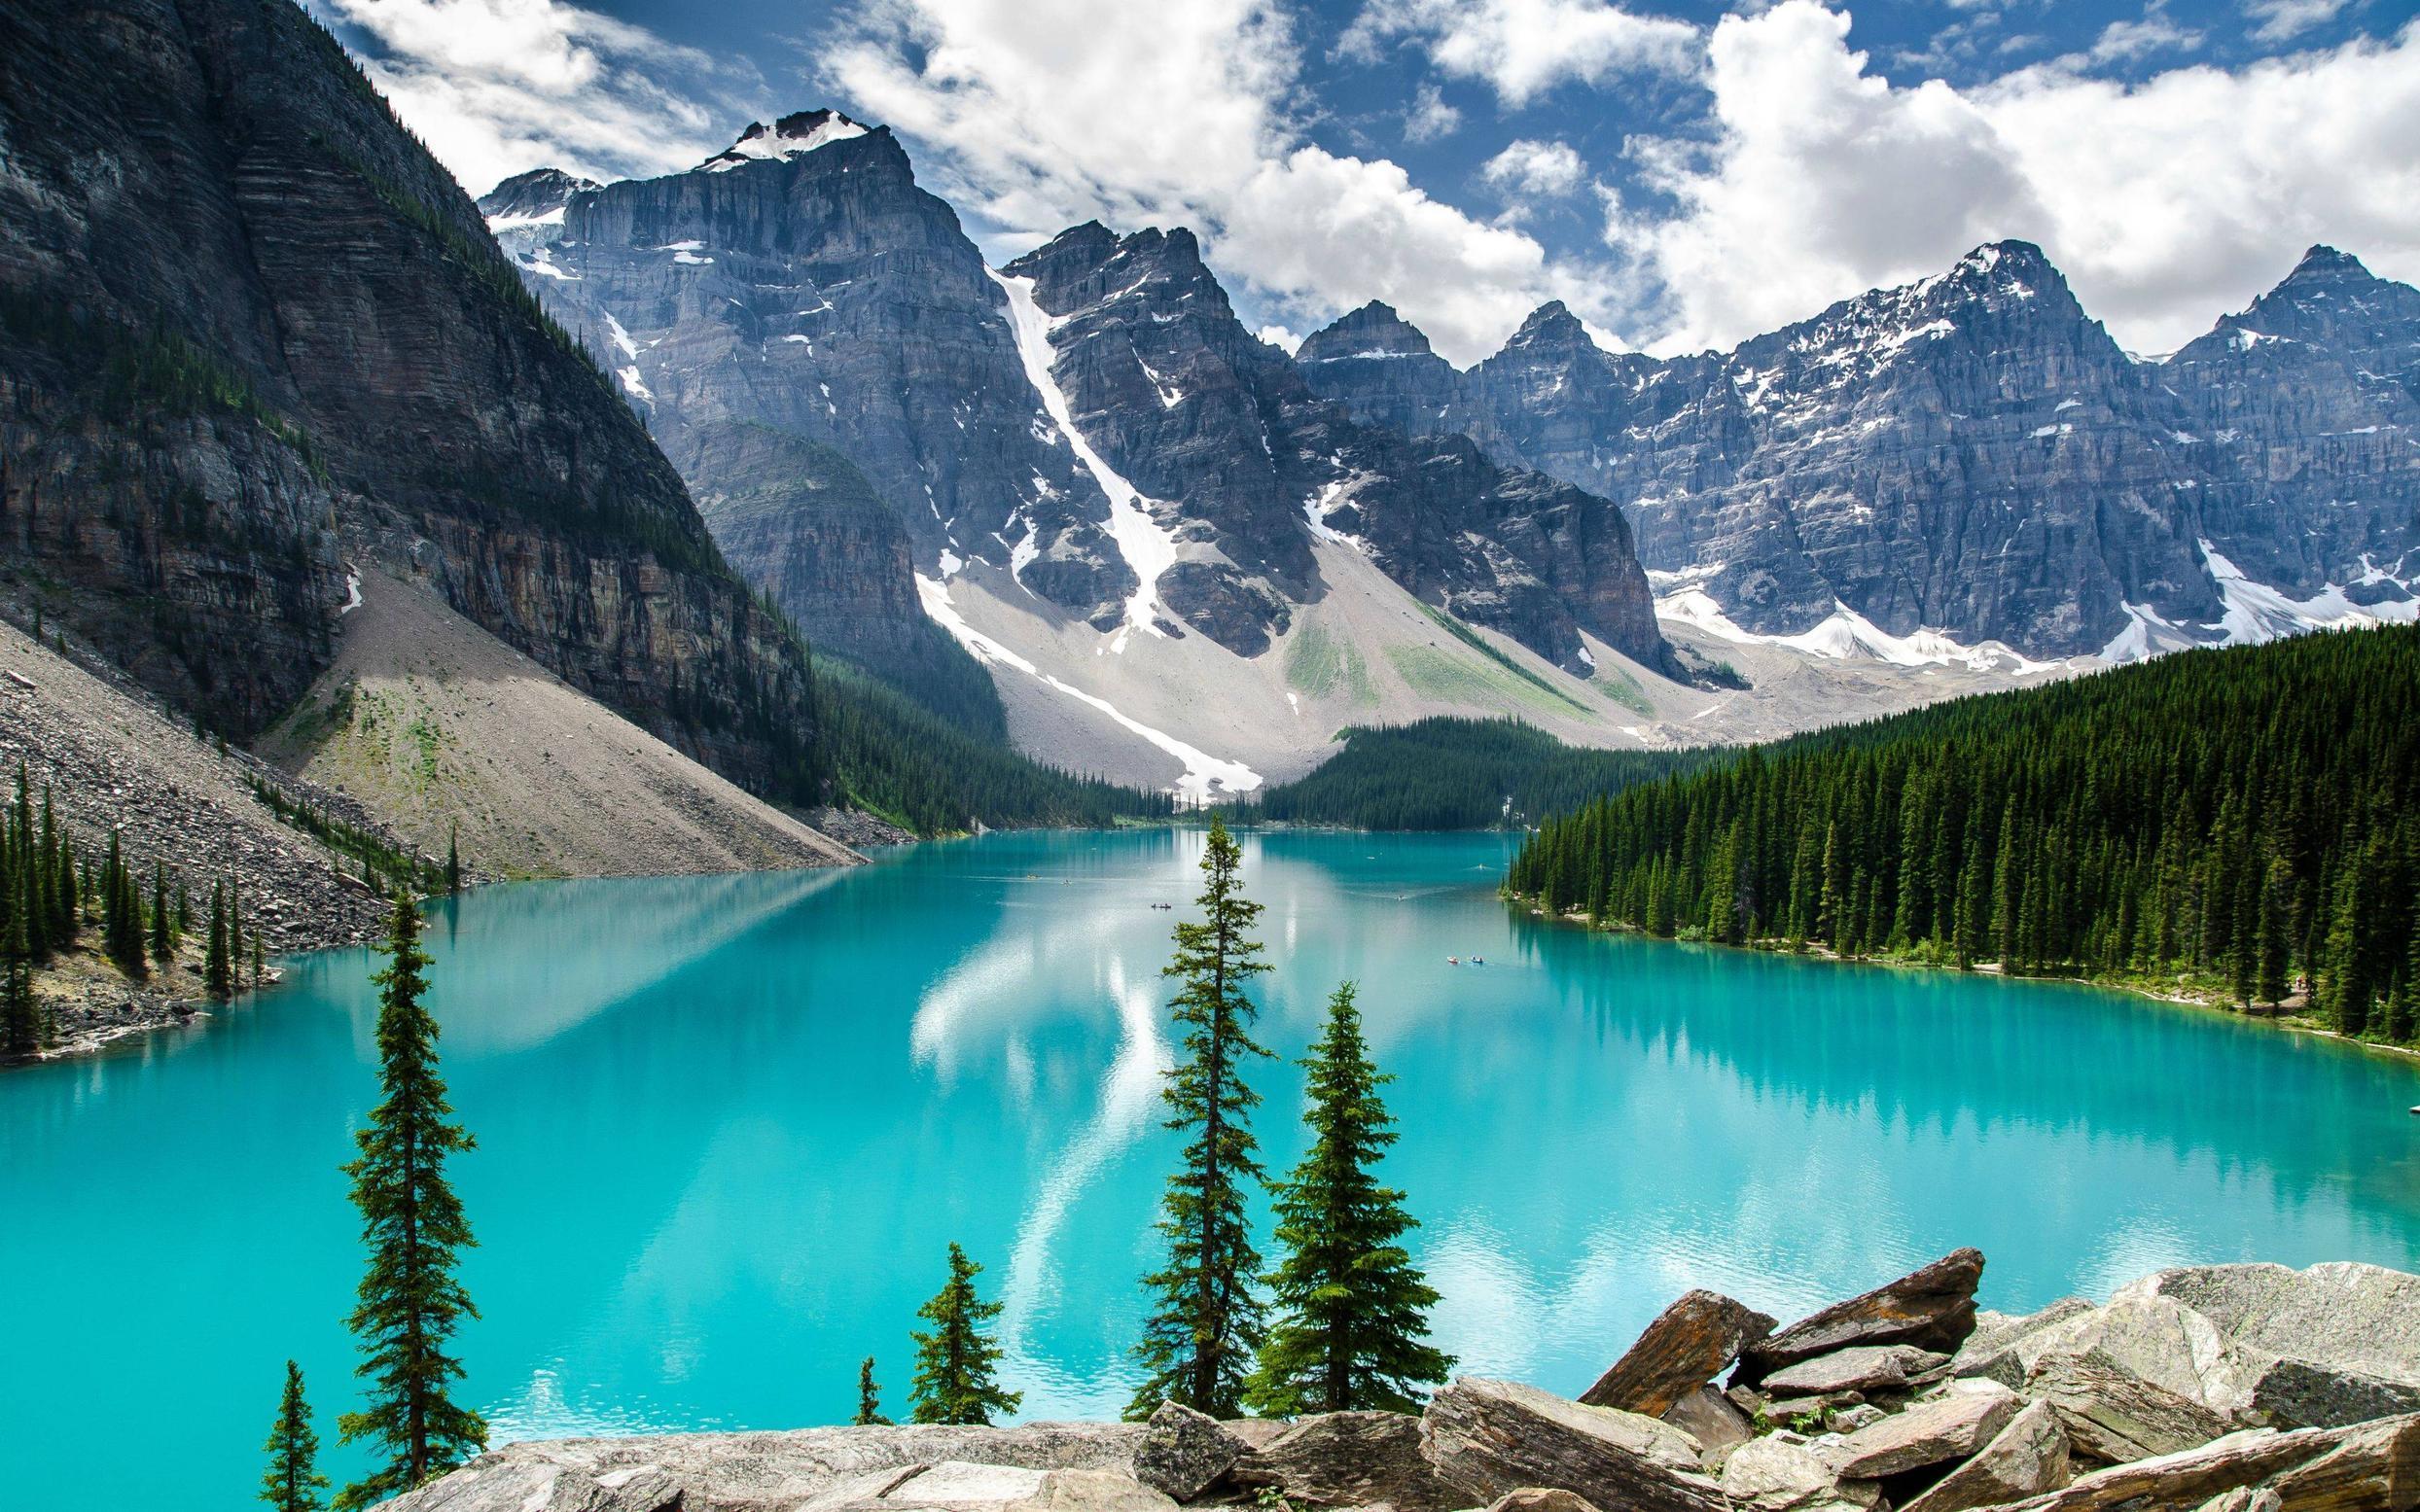 班夫国家公园:加拿大落基山脉之心